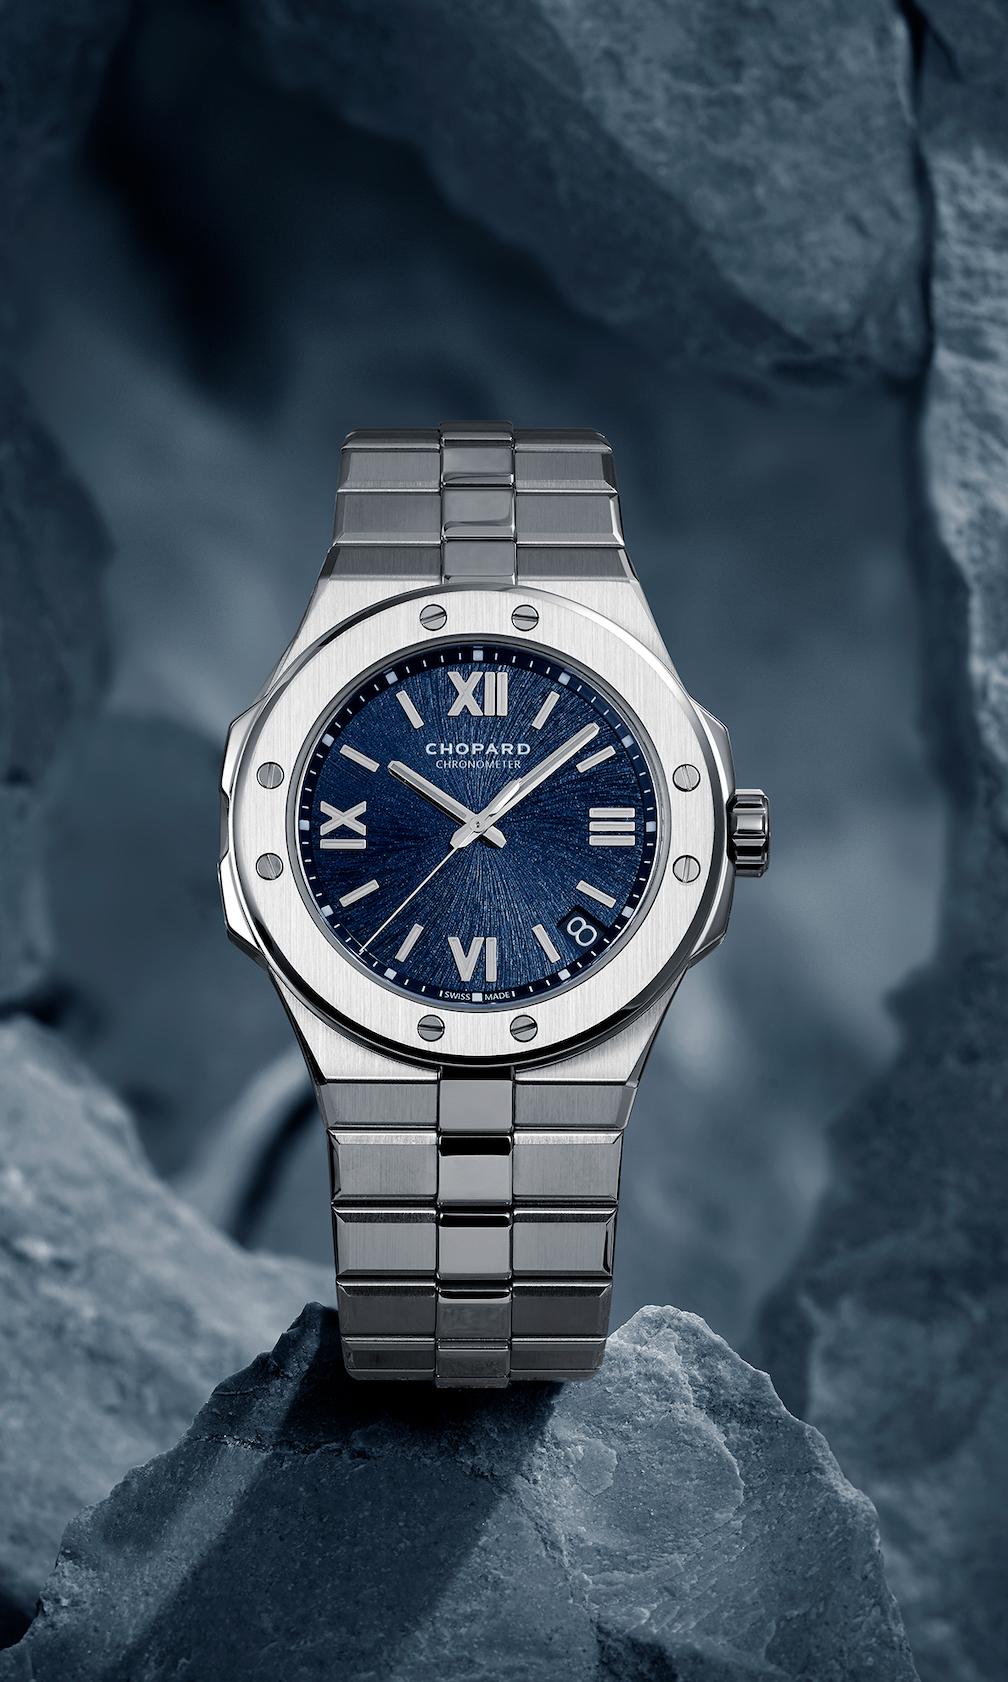 Chopard Alpine Eagle watch